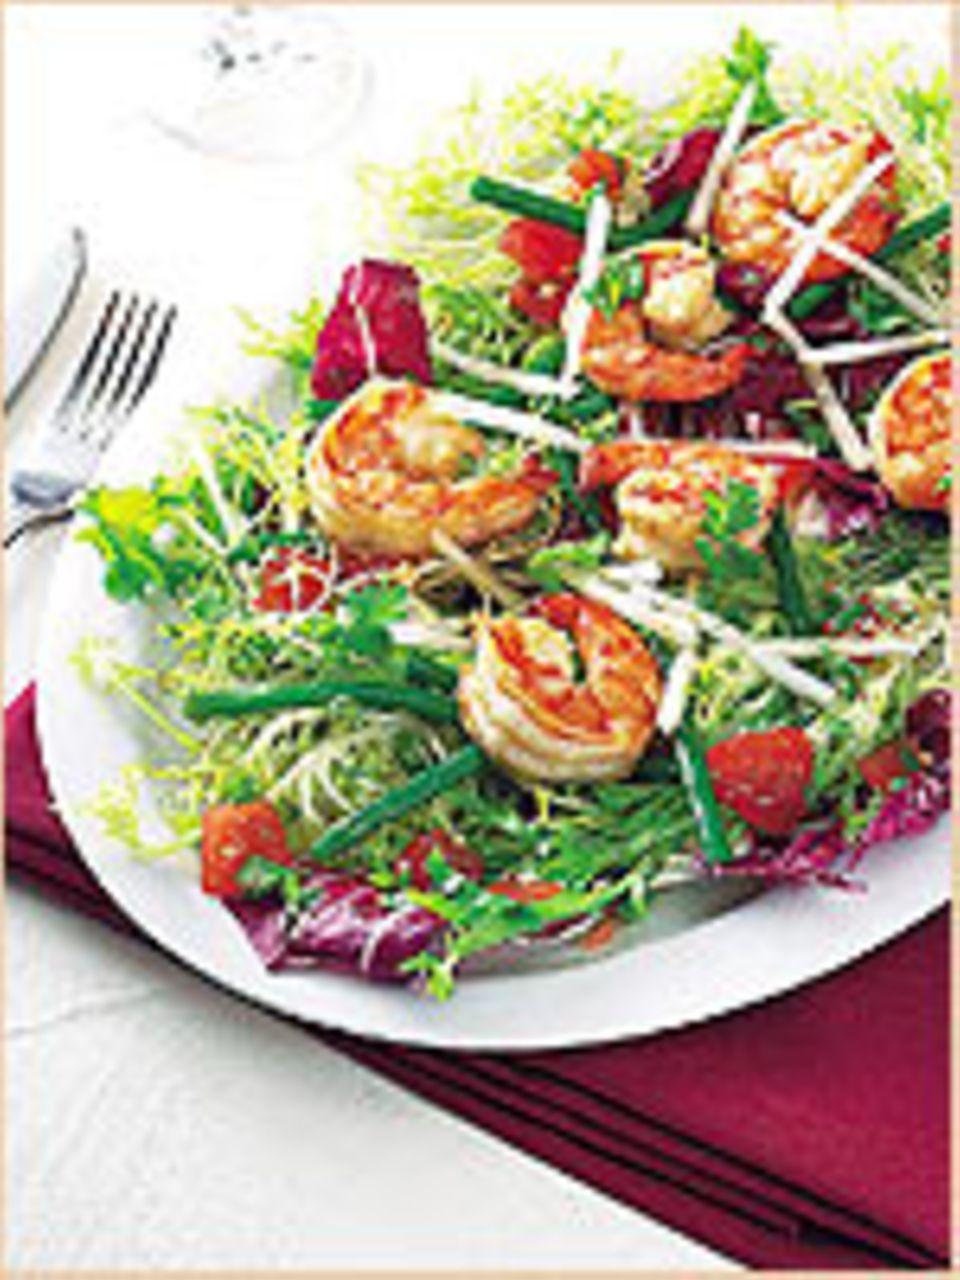 Salat mit gegrillten Garnelen - so sommerlich!